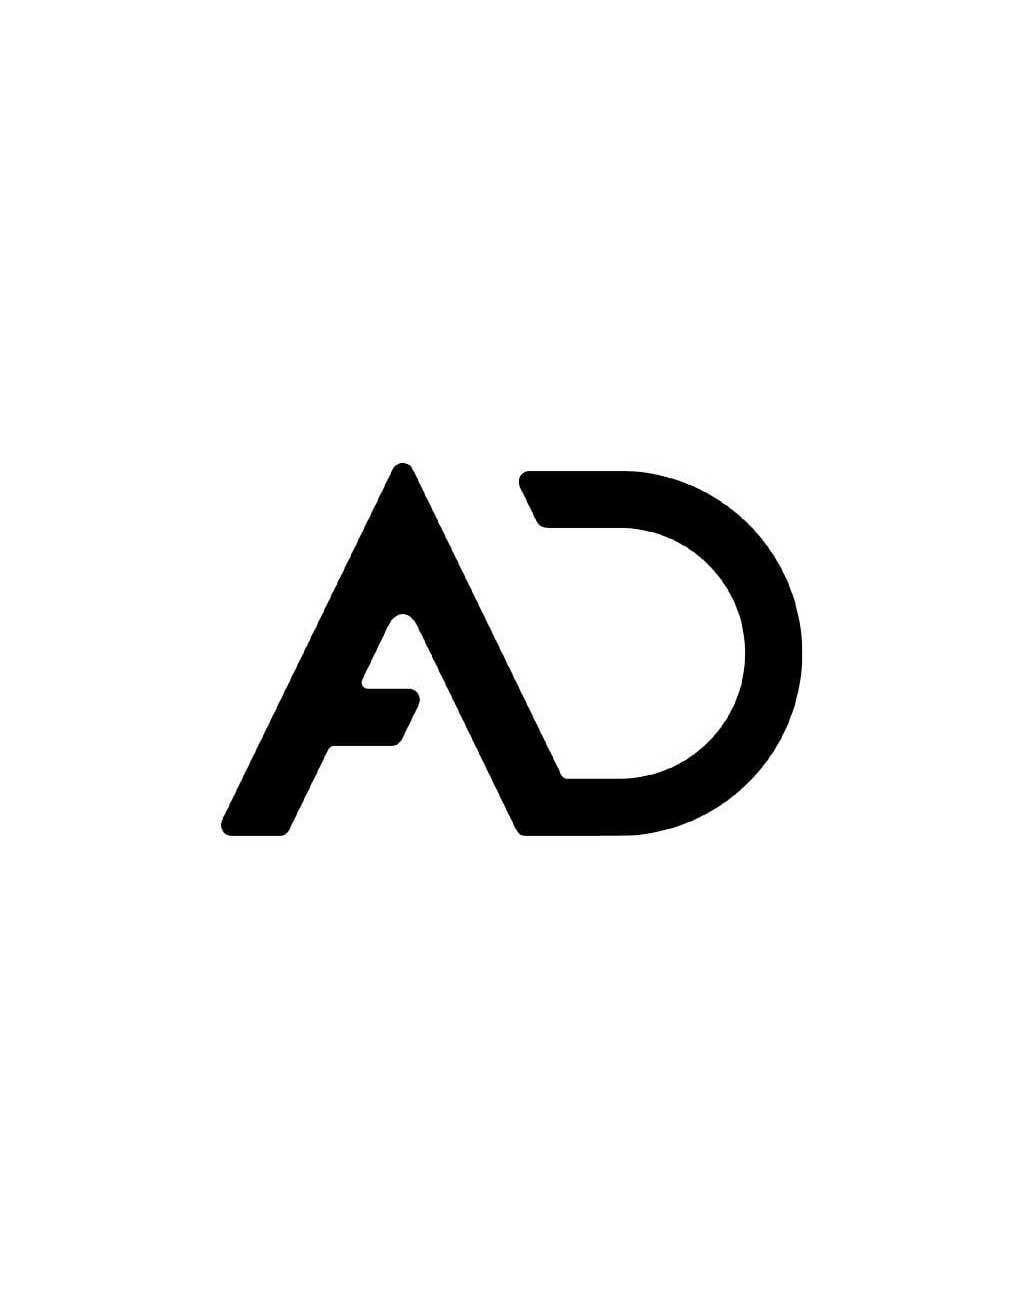 logo ad naturalnie biało-czarne, ad naturalnie, wanny akrylowe, umywalki kamienne, akcesoria łazienkowe